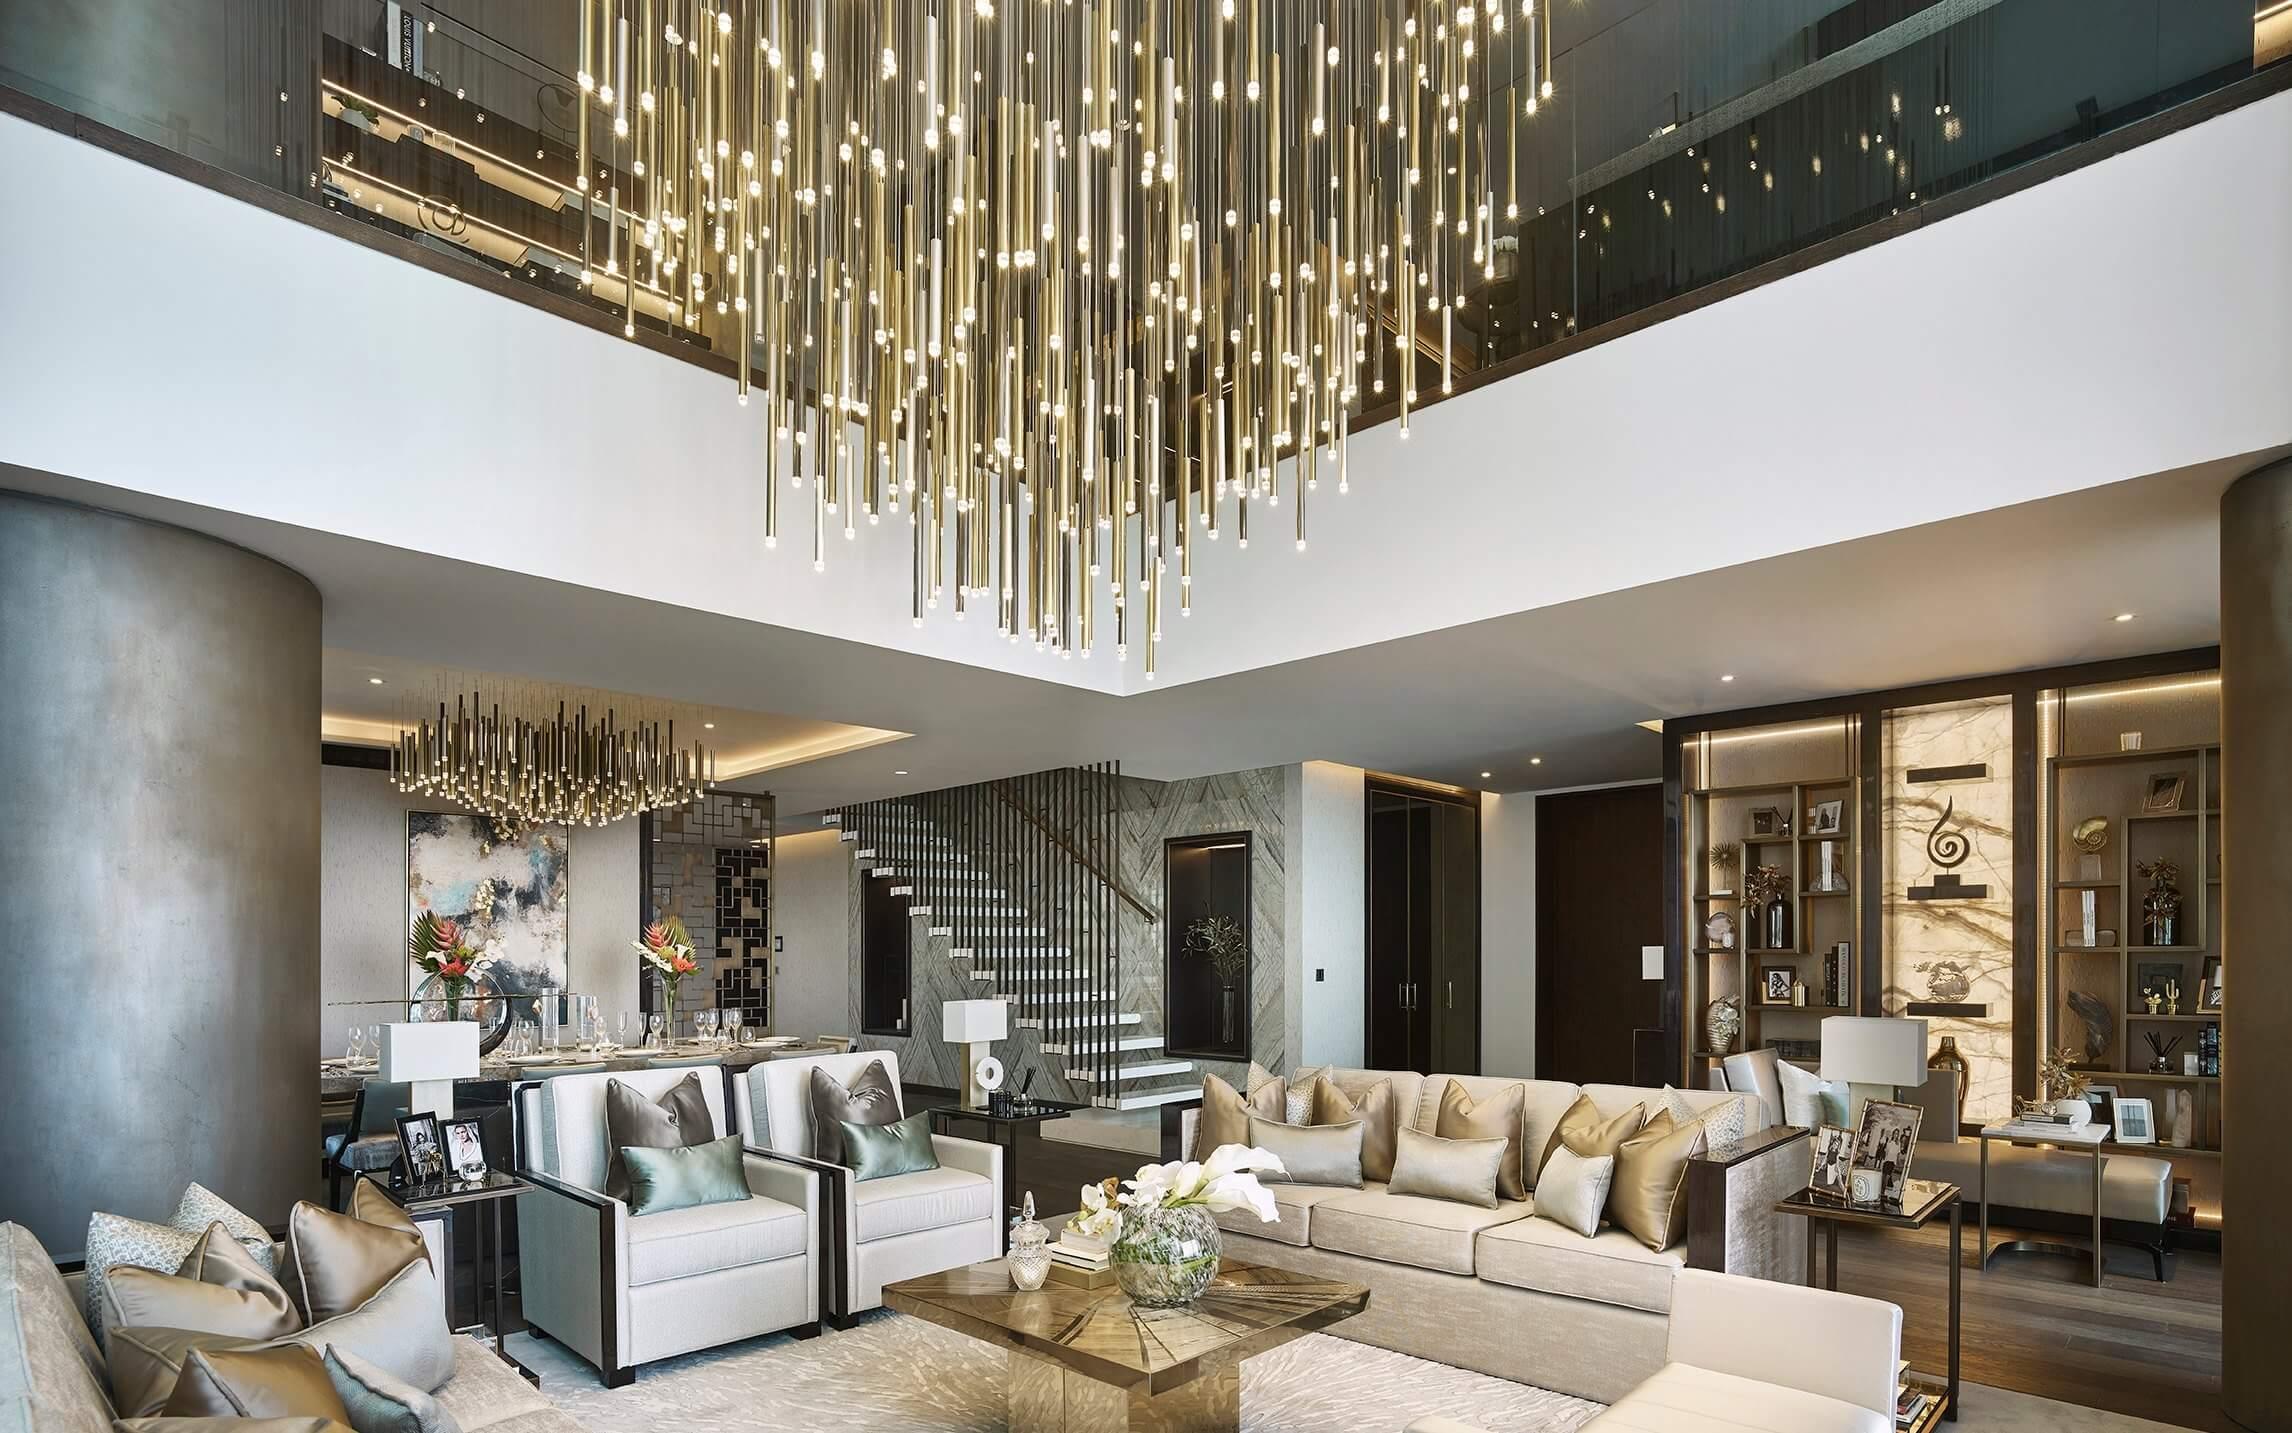 Hệ thống chiếu sáng tạo nên phong cách Luxury